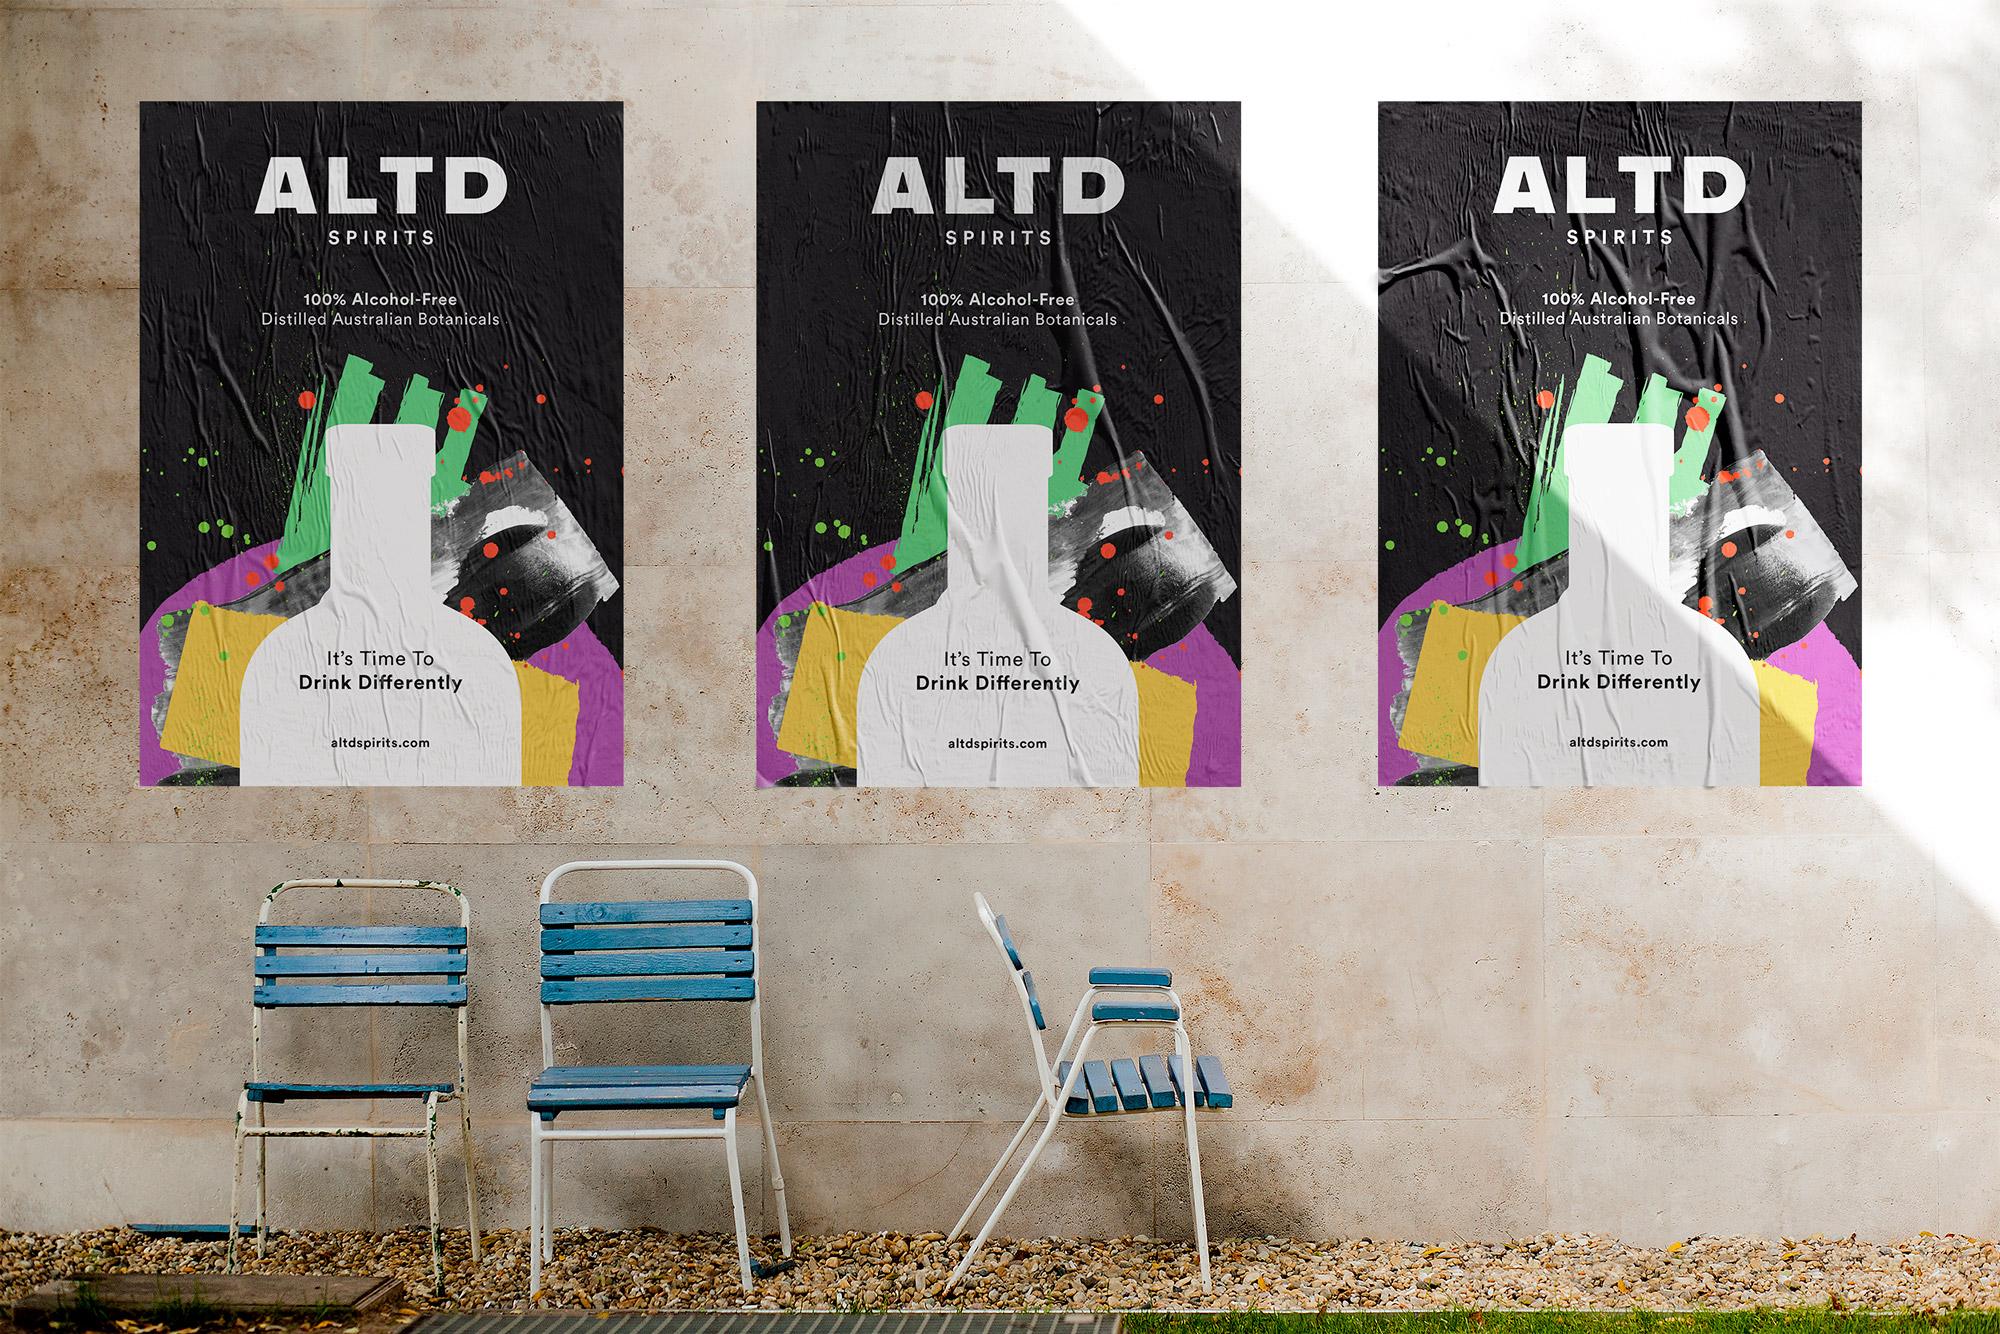 Nectar-&-Co-ALTD-Spirits-Out-Door-Poster.jpg